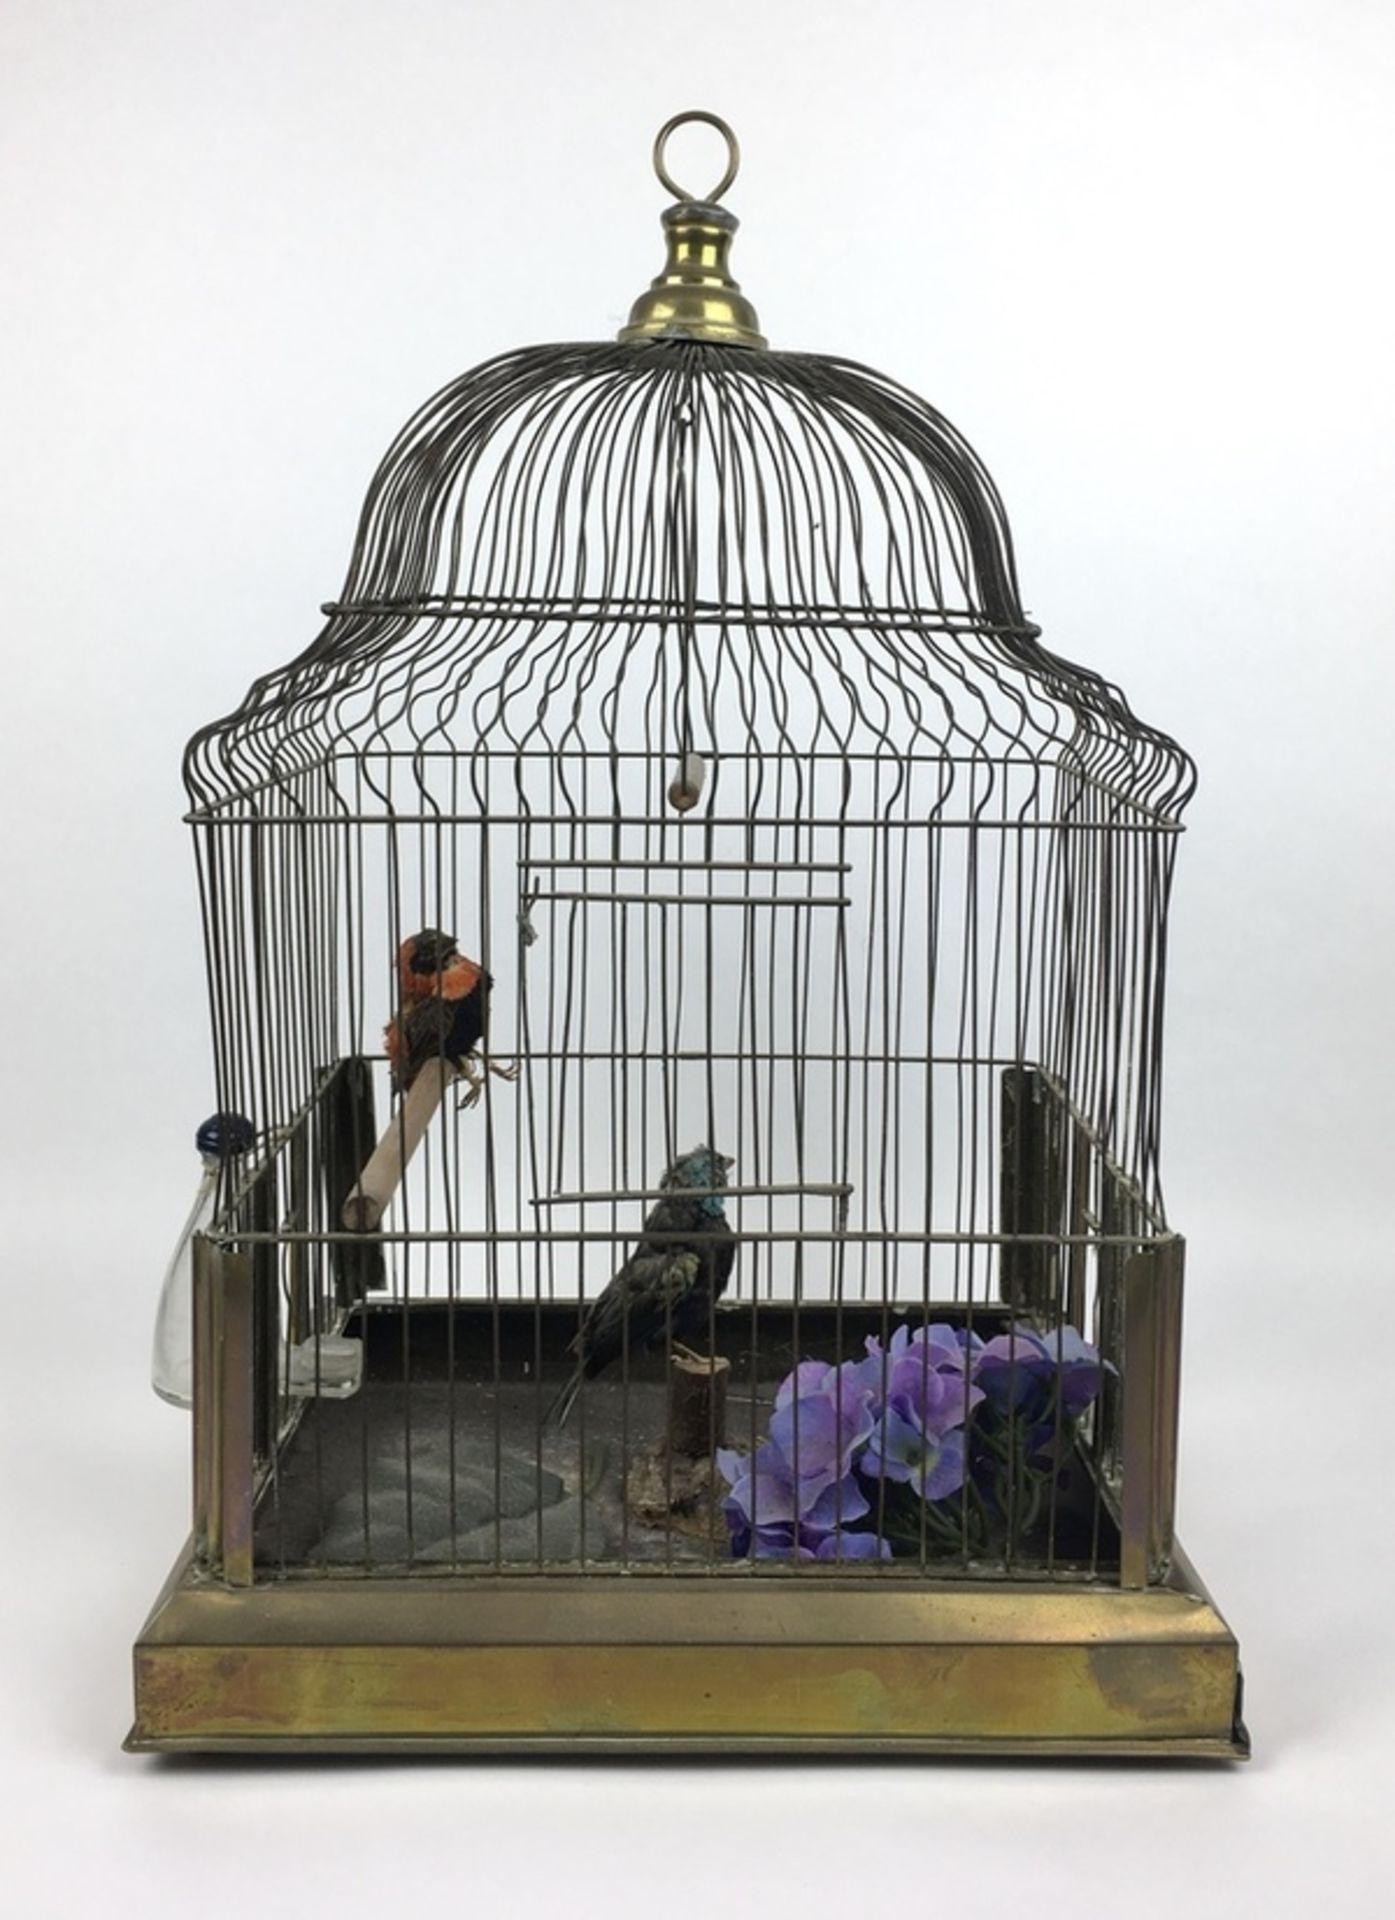 (Antiek) VogelkooiMessing vogelkooi met twee opgezette vogels, eerste helft 20e eeuw. Conditie: - Image 3 of 4